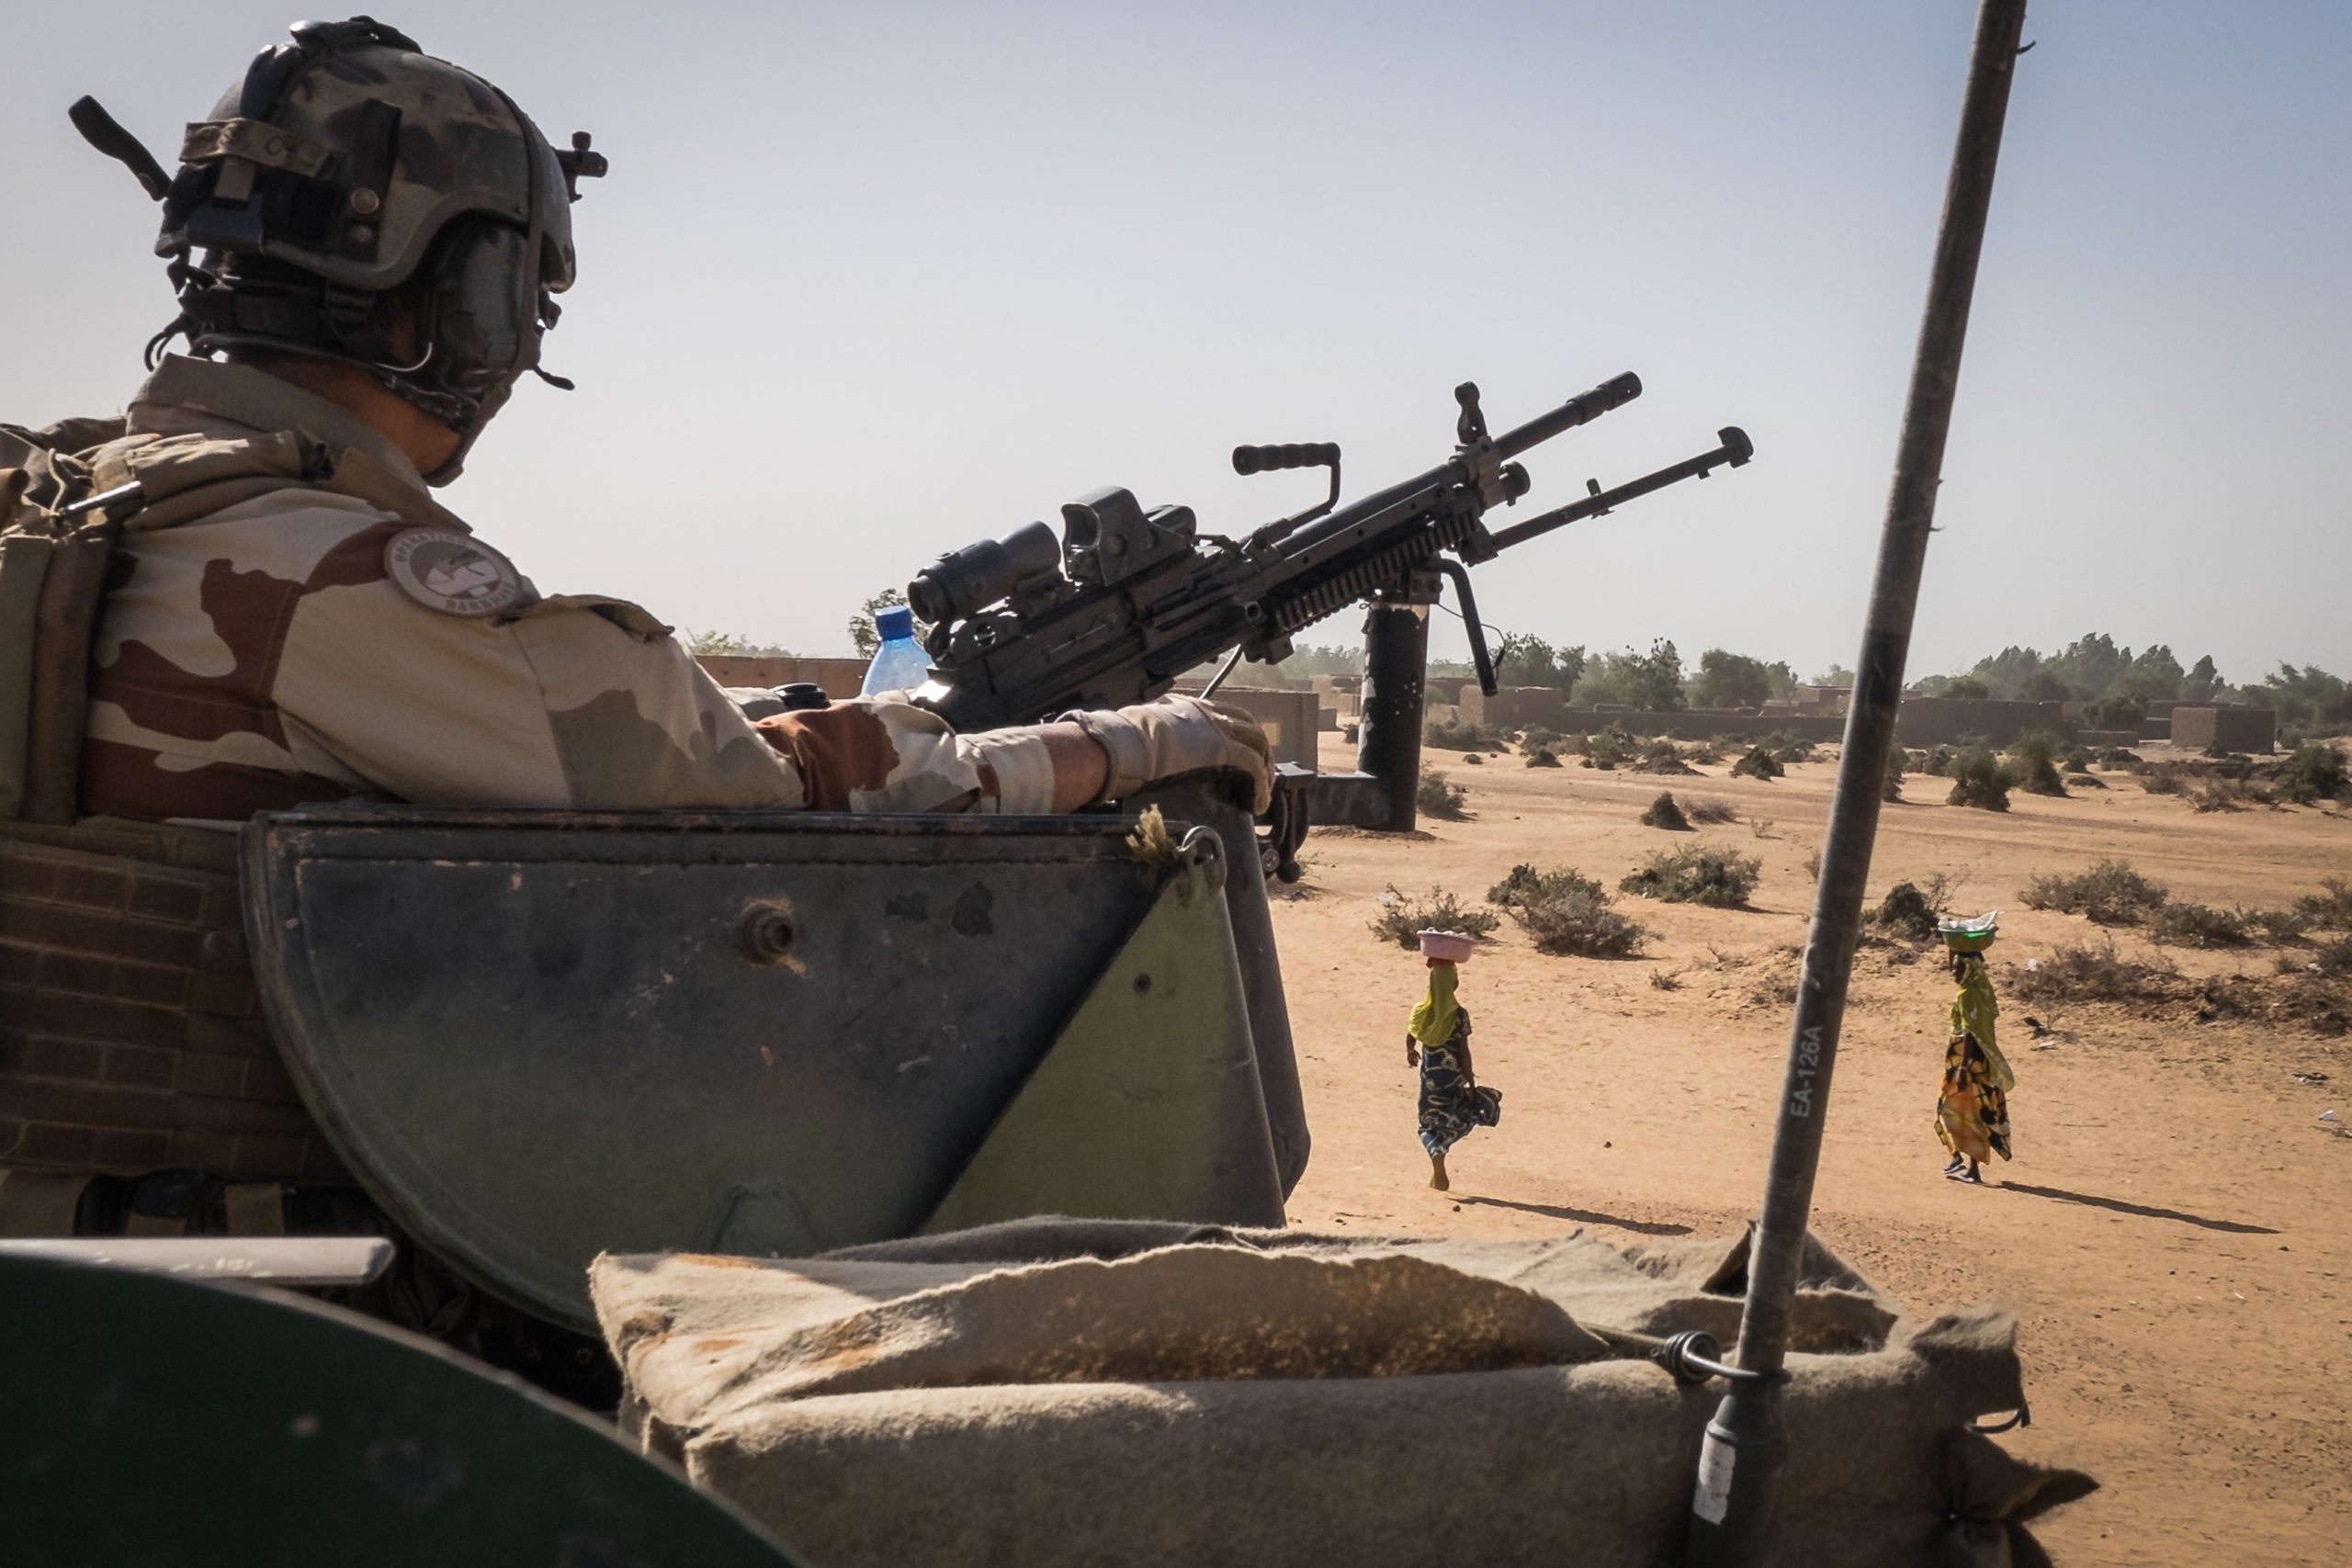 Den danske regering vil sende specialoperationsstyrker til Mali